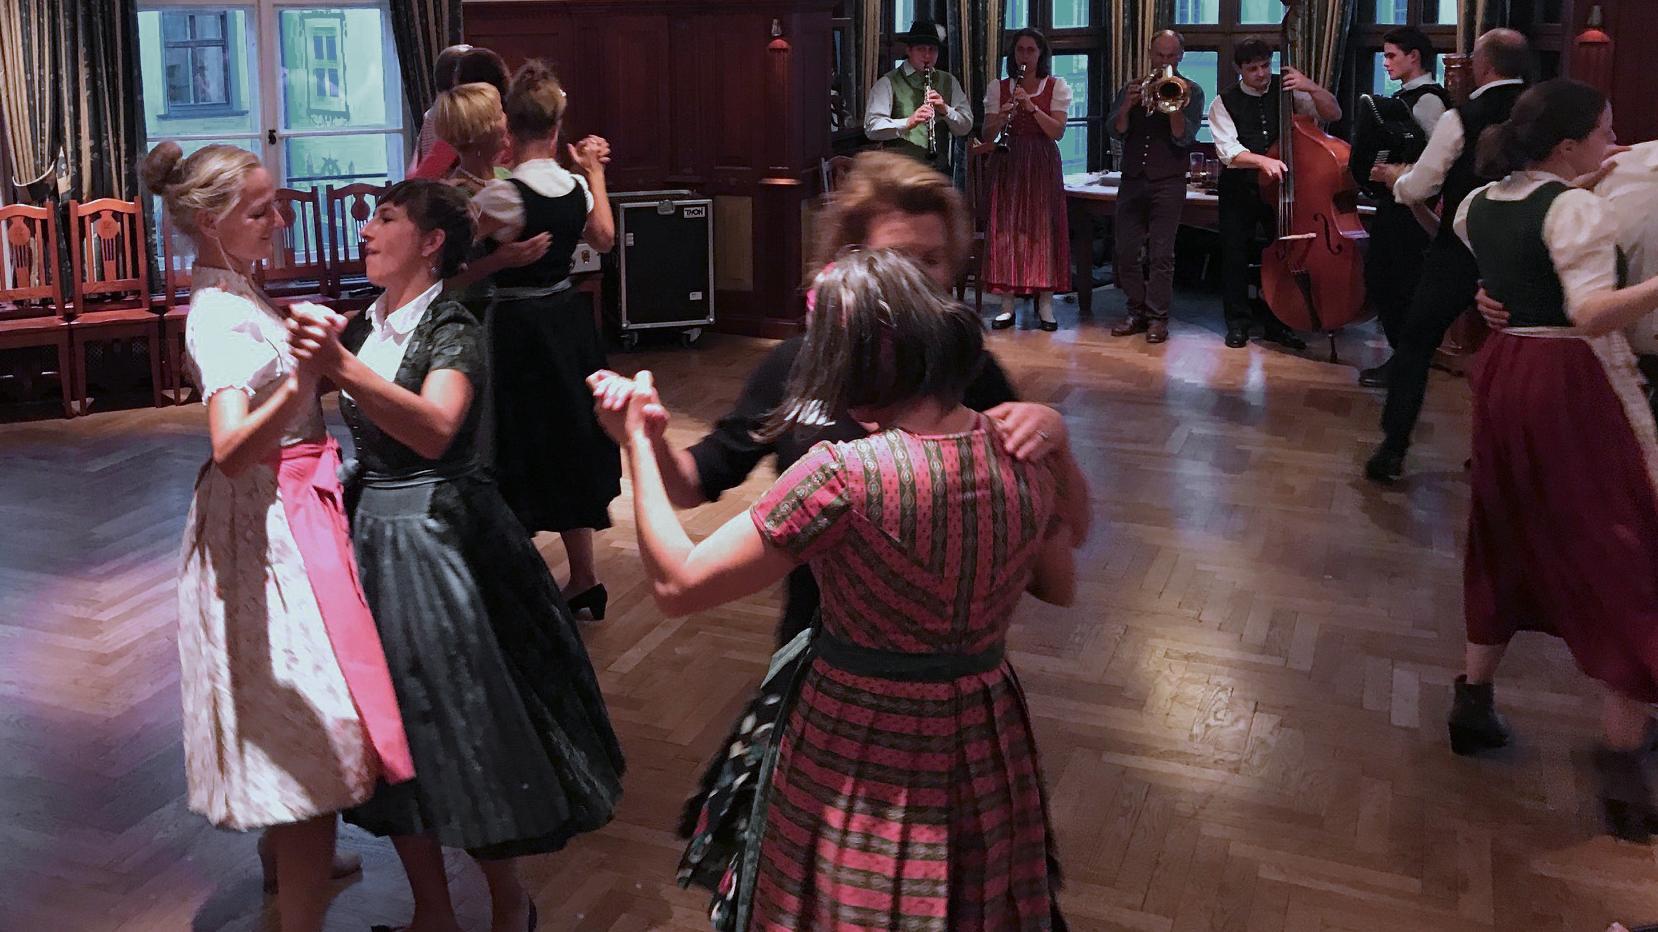 Bayerischer Tanz im Hofbräuhaus